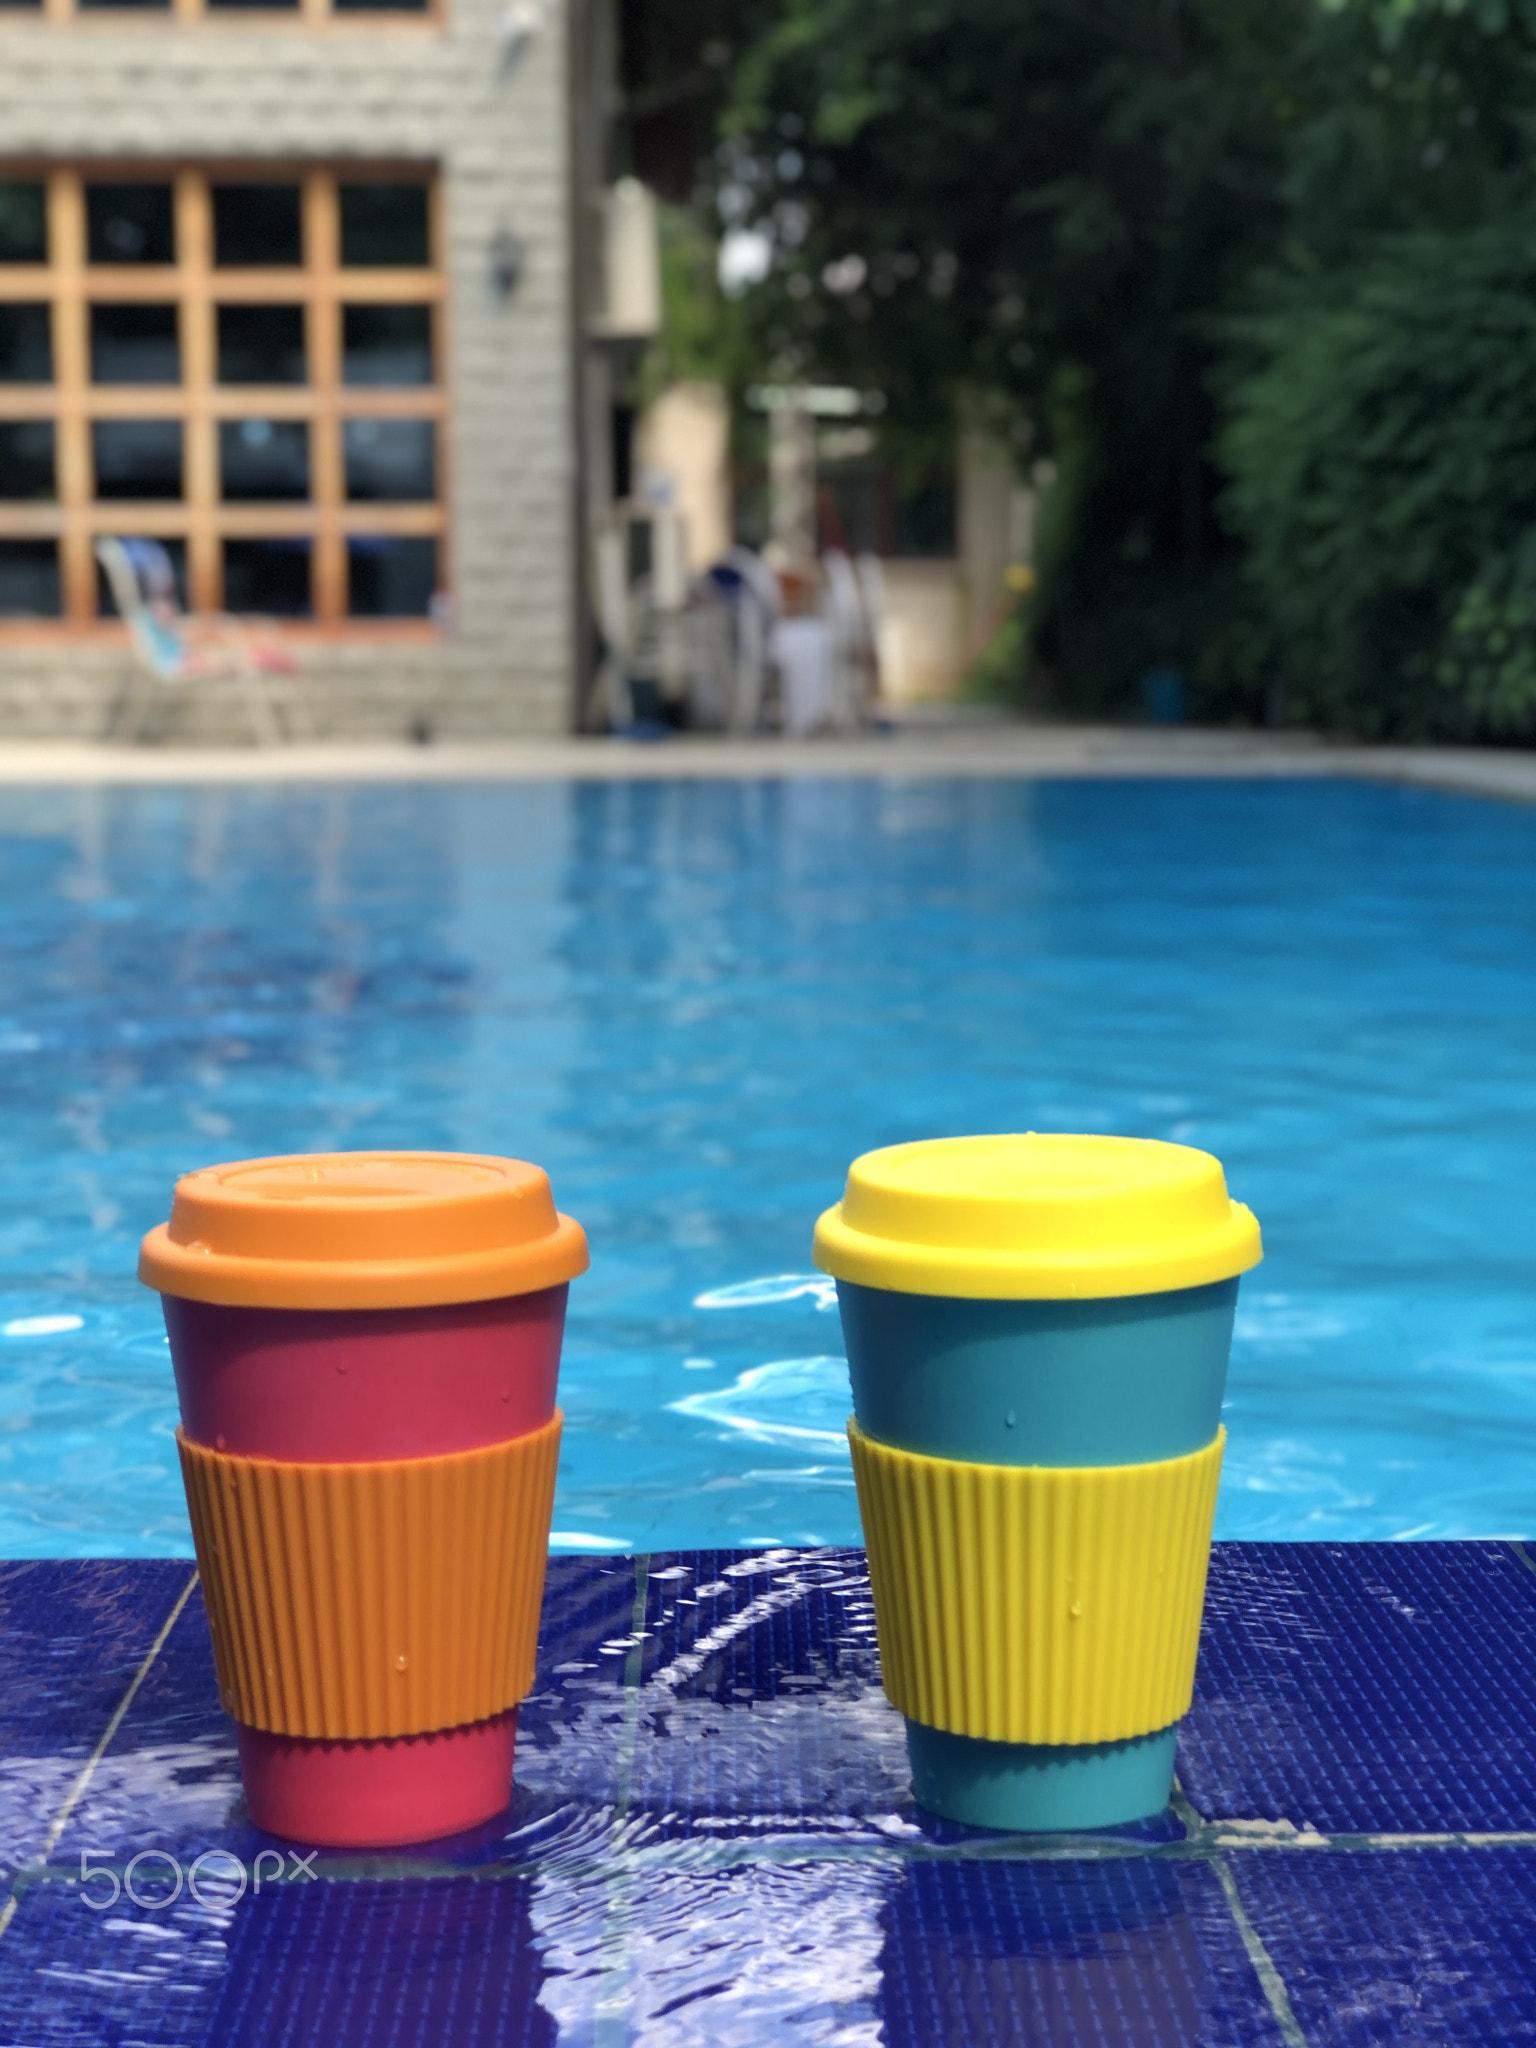 reusable bamboo mug at the swimming pool